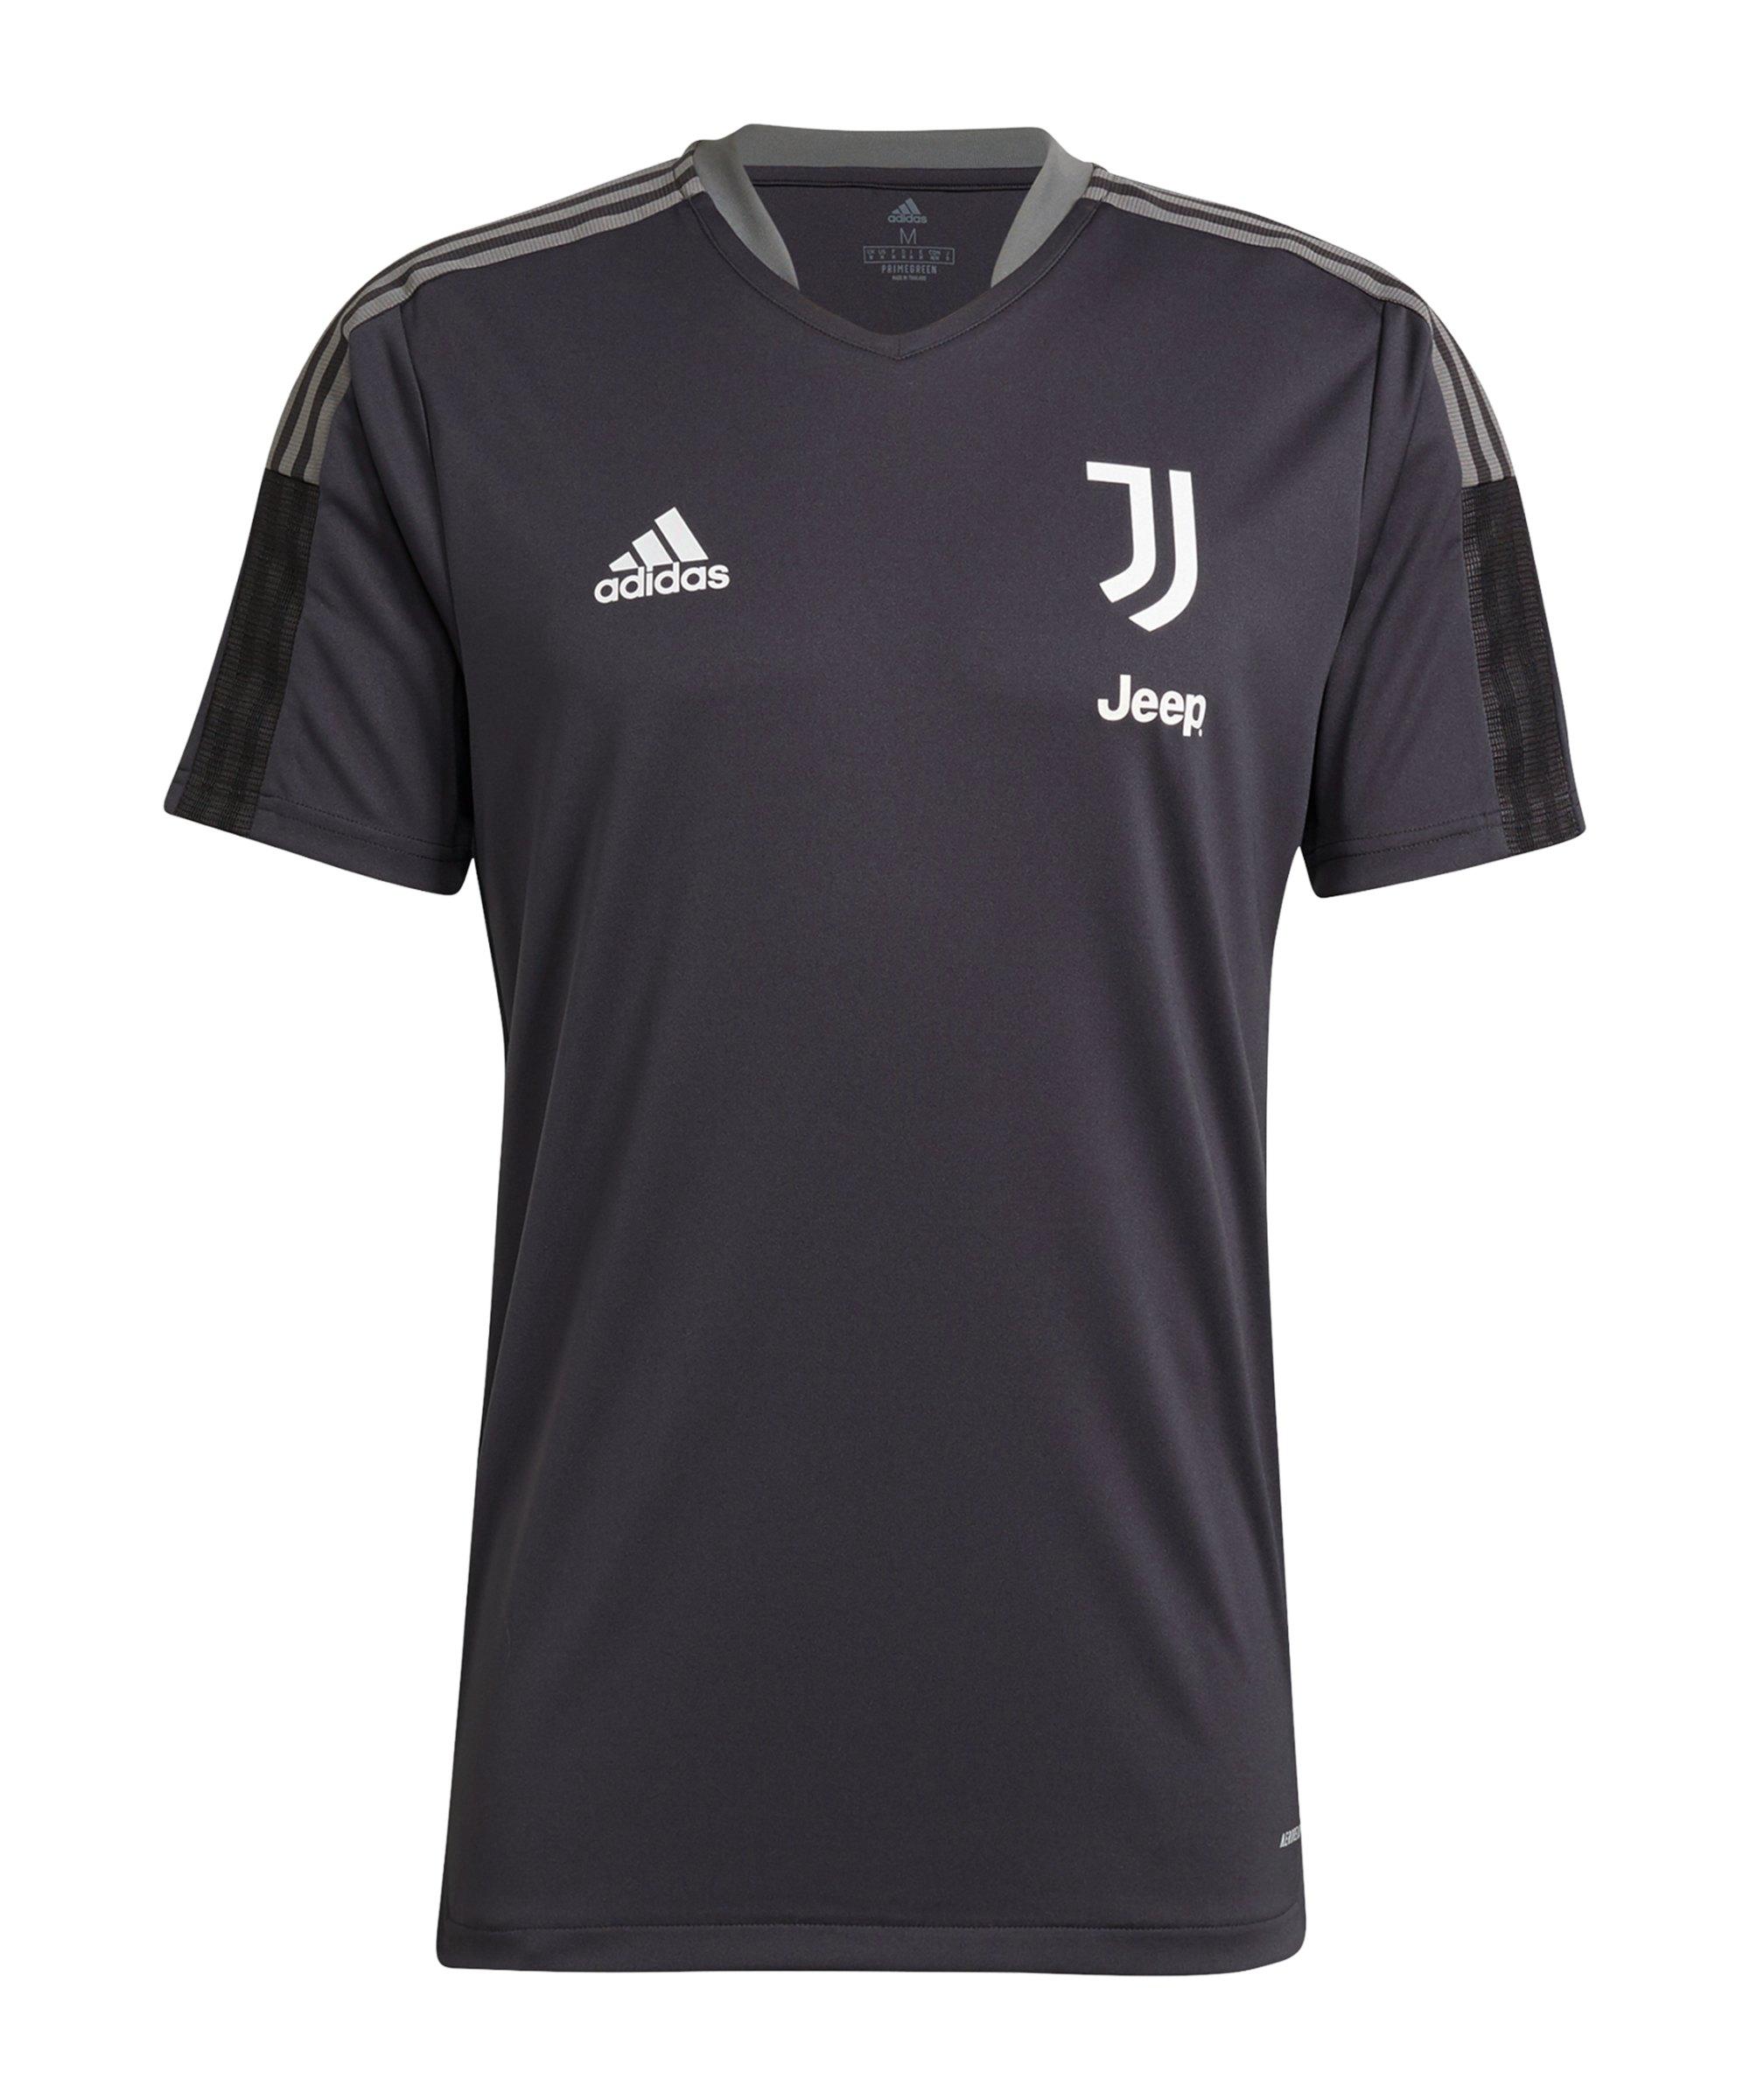 adidas Juventus Turin Trainingsshirt Grau - grau